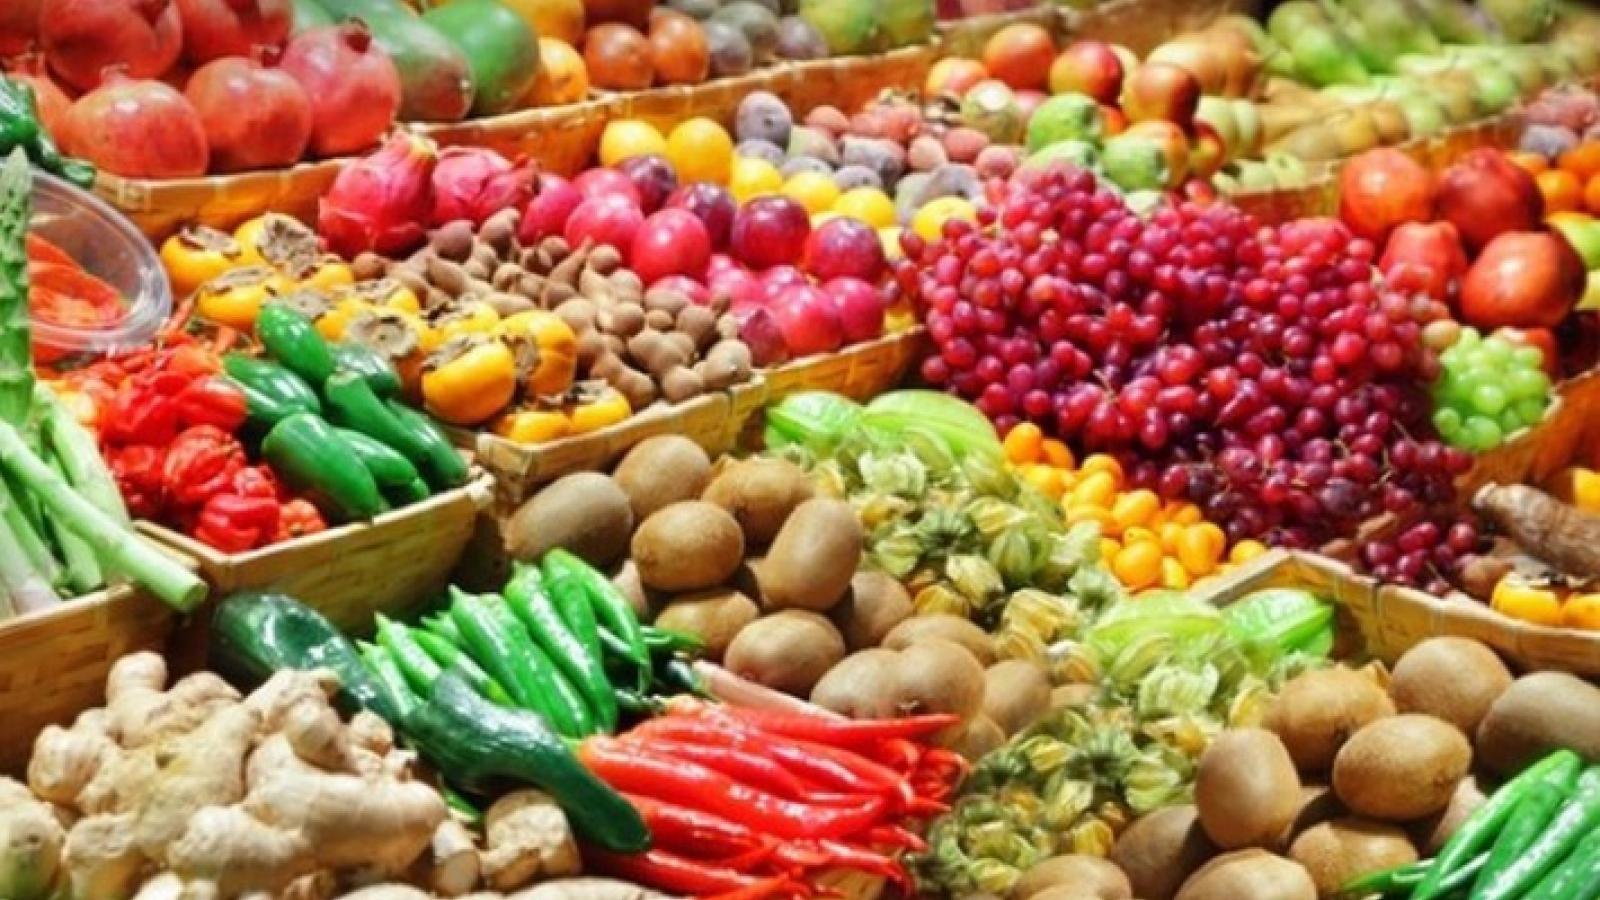 Xuất khẩu rau quả giảm 11,3% so với cùng kỳ do Covid-19